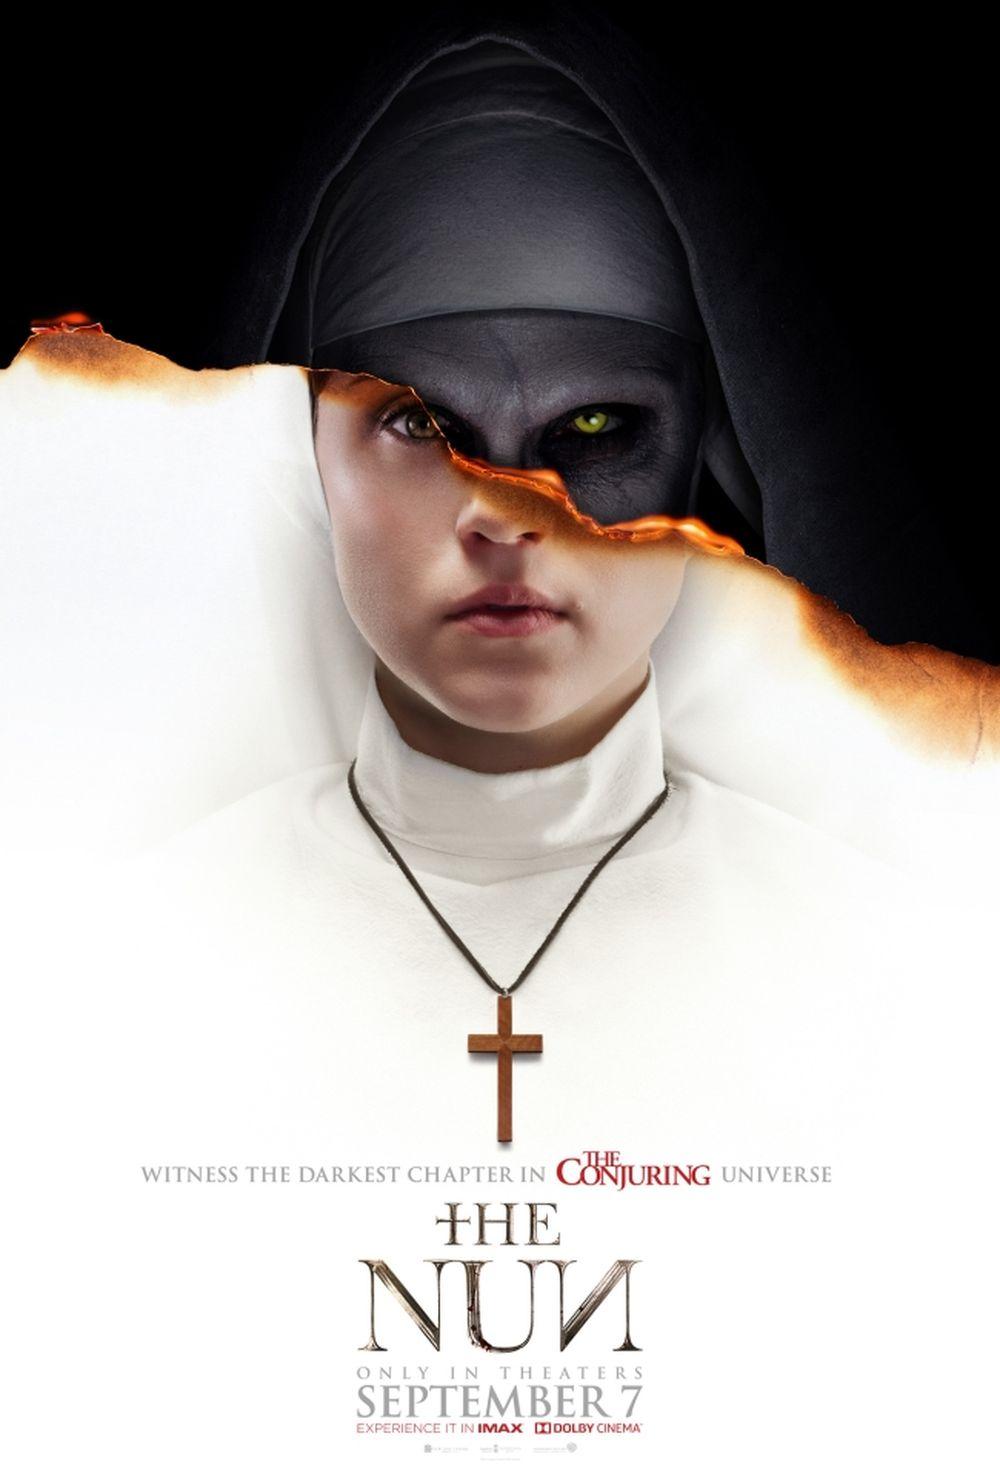 Nhiều chuyên gia cho rằng khả dĩ bộ phim có thể hốt bạc là do ăn theo sức hút từ The Conjuring 2, vốn thành công cả về mặt nghệ thuật lẫn doanh thu.